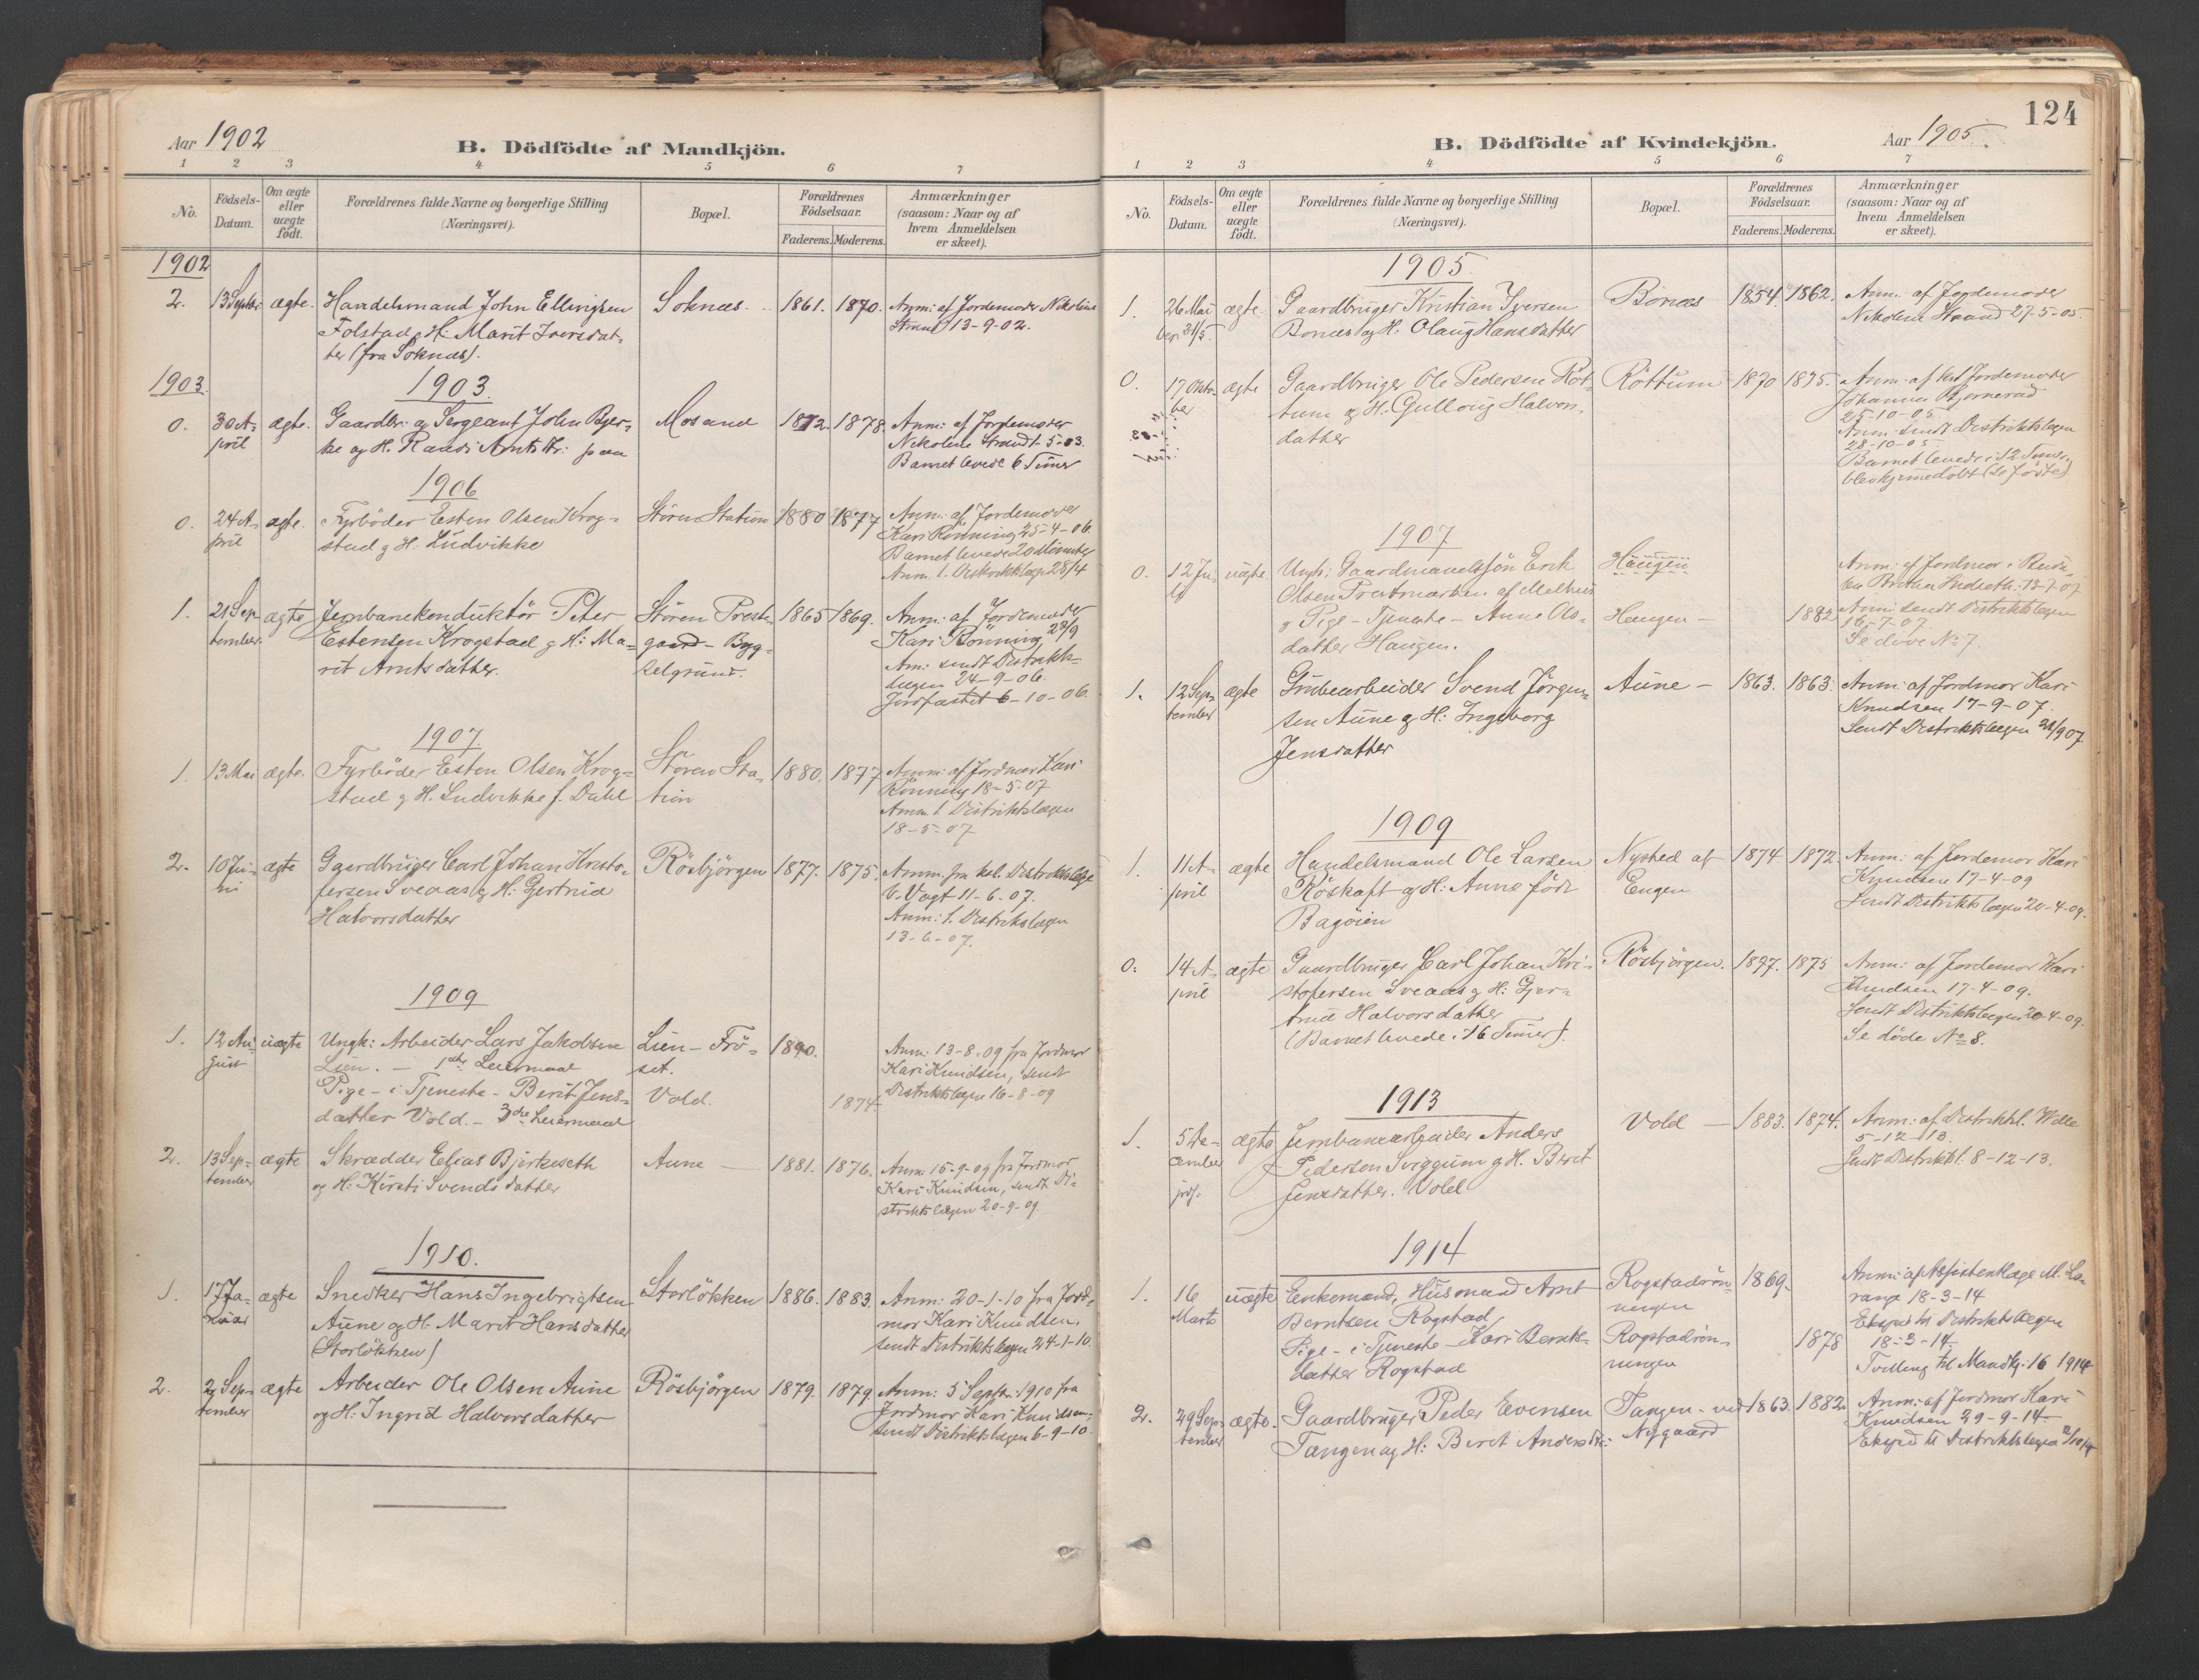 SAT, Ministerialprotokoller, klokkerbøker og fødselsregistre - Sør-Trøndelag, 687/L1004: Ministerialbok nr. 687A10, 1891-1923, s. 124